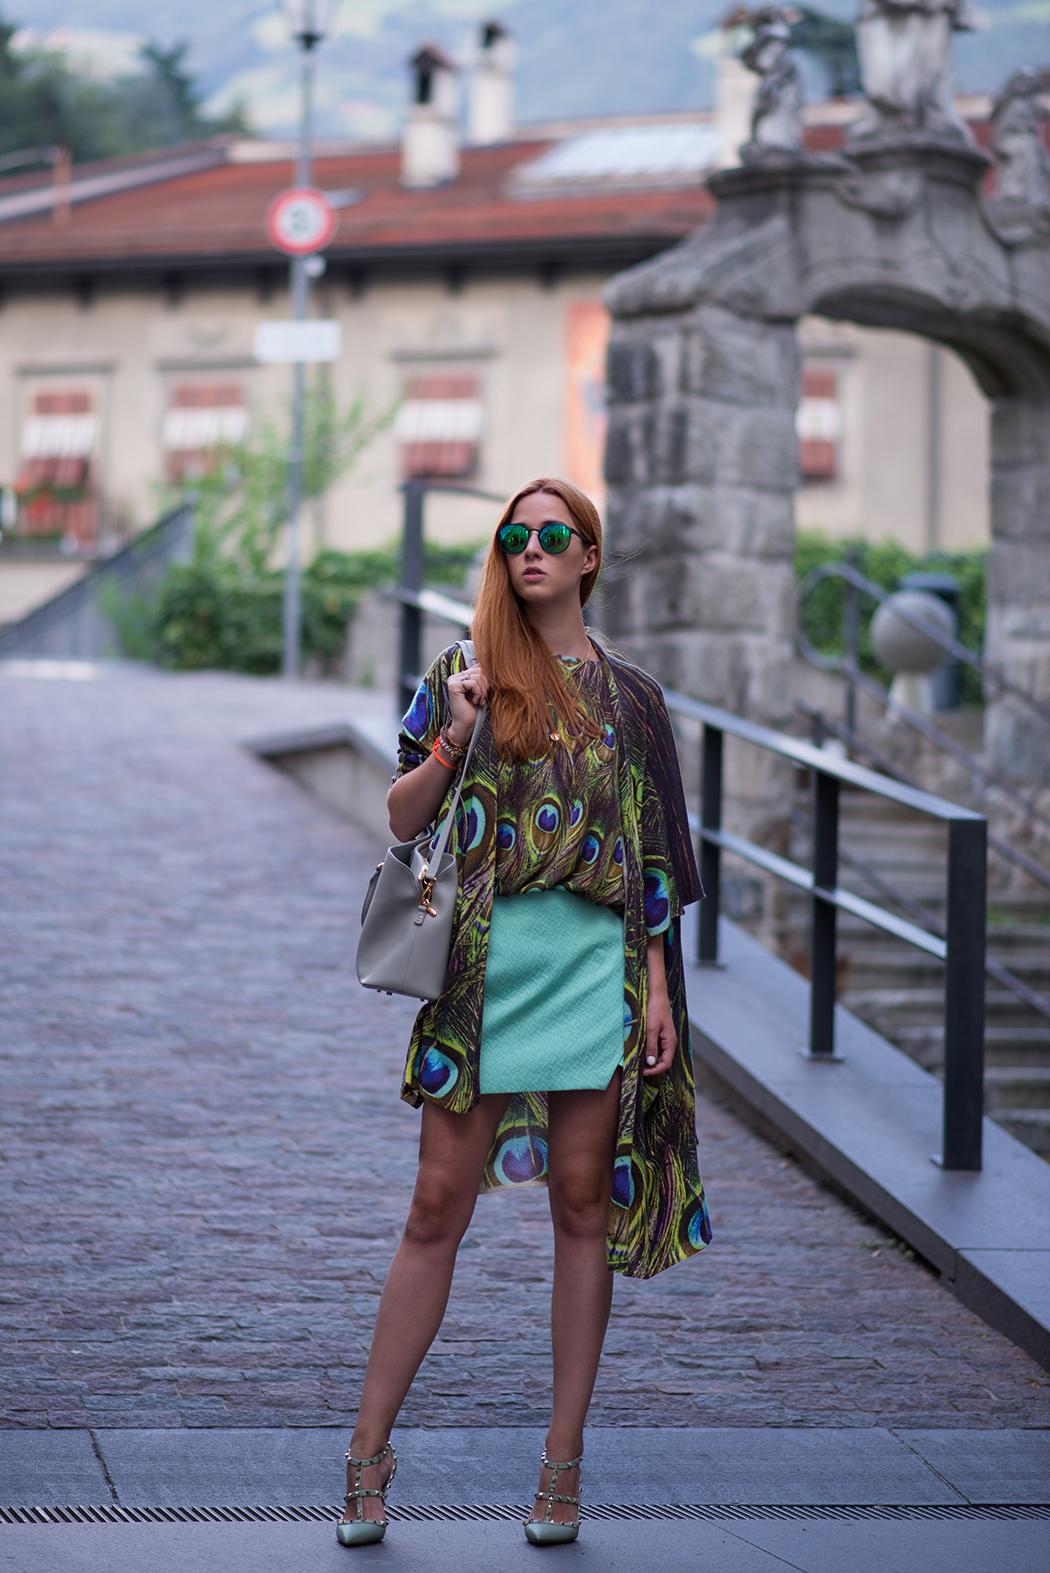 Fashionblog-Fashionblogger-Fashion-Blog-Lifestyle-München-Deutschland-Lindarella-Linda-Rella-Aware_Cashmere-Any_Di-Brixen-Bressanone-Le_Specs_verspiegelt-2